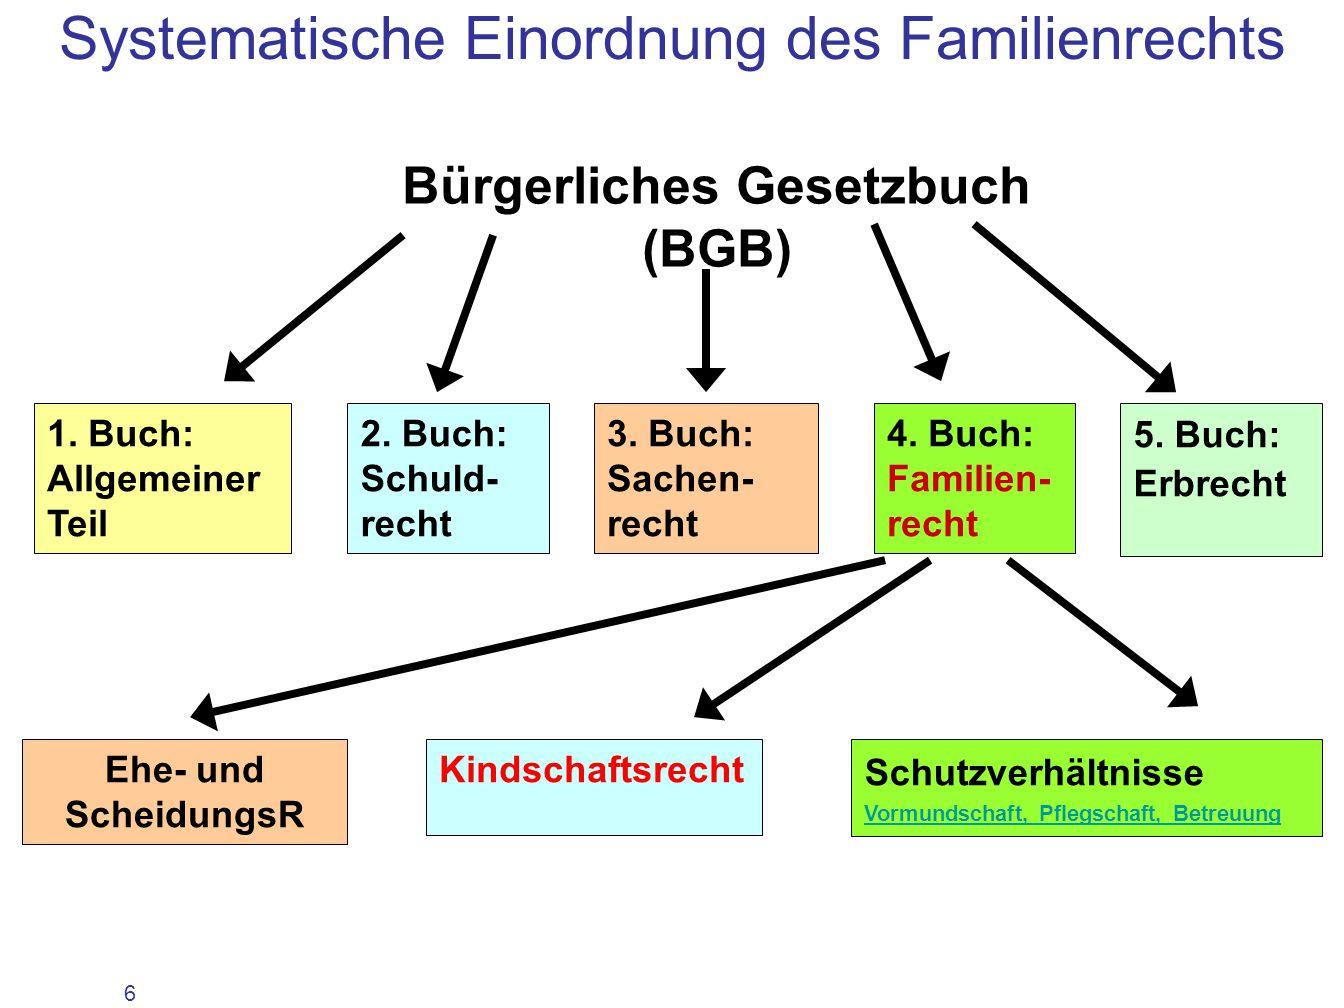 27 Rückstufungen der Einkommensgruppe nach der DT wegen Tabellensprungs wegen Unterschreitung des Bedarfskontrollbetrags wegen Mangelfalls DT A1 Absatz 1 Satz 1 Die Düsseldorfer Tabelle ist auf zwei Unterhalts- pflichten ausgelegt.